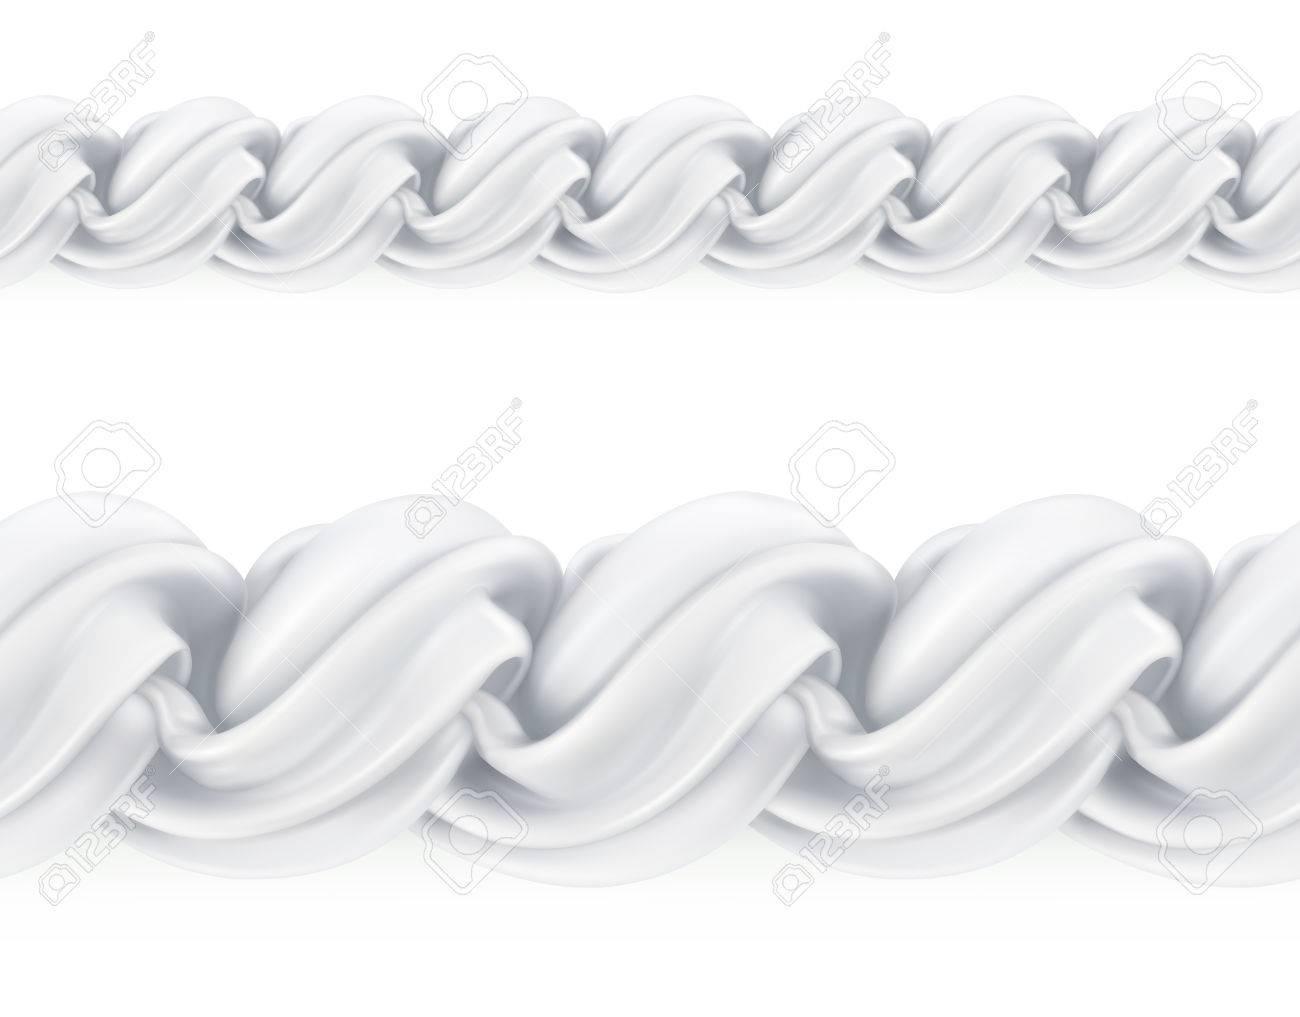 ホイップ クリームベクターのシームレスなパターン メッシュのイラスト